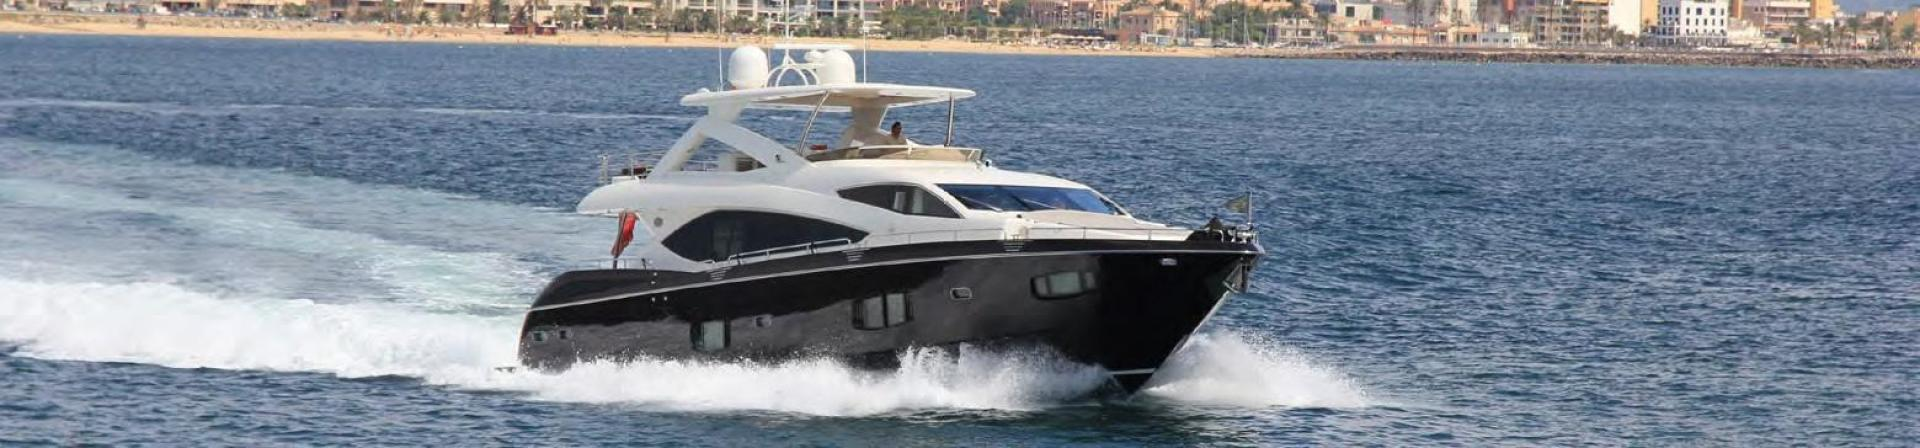 Sunseeker-Flybridge Motoryacht 2009-ANNABEL Mallorca-Spain-Starboard Running-902630 | Thumbnail